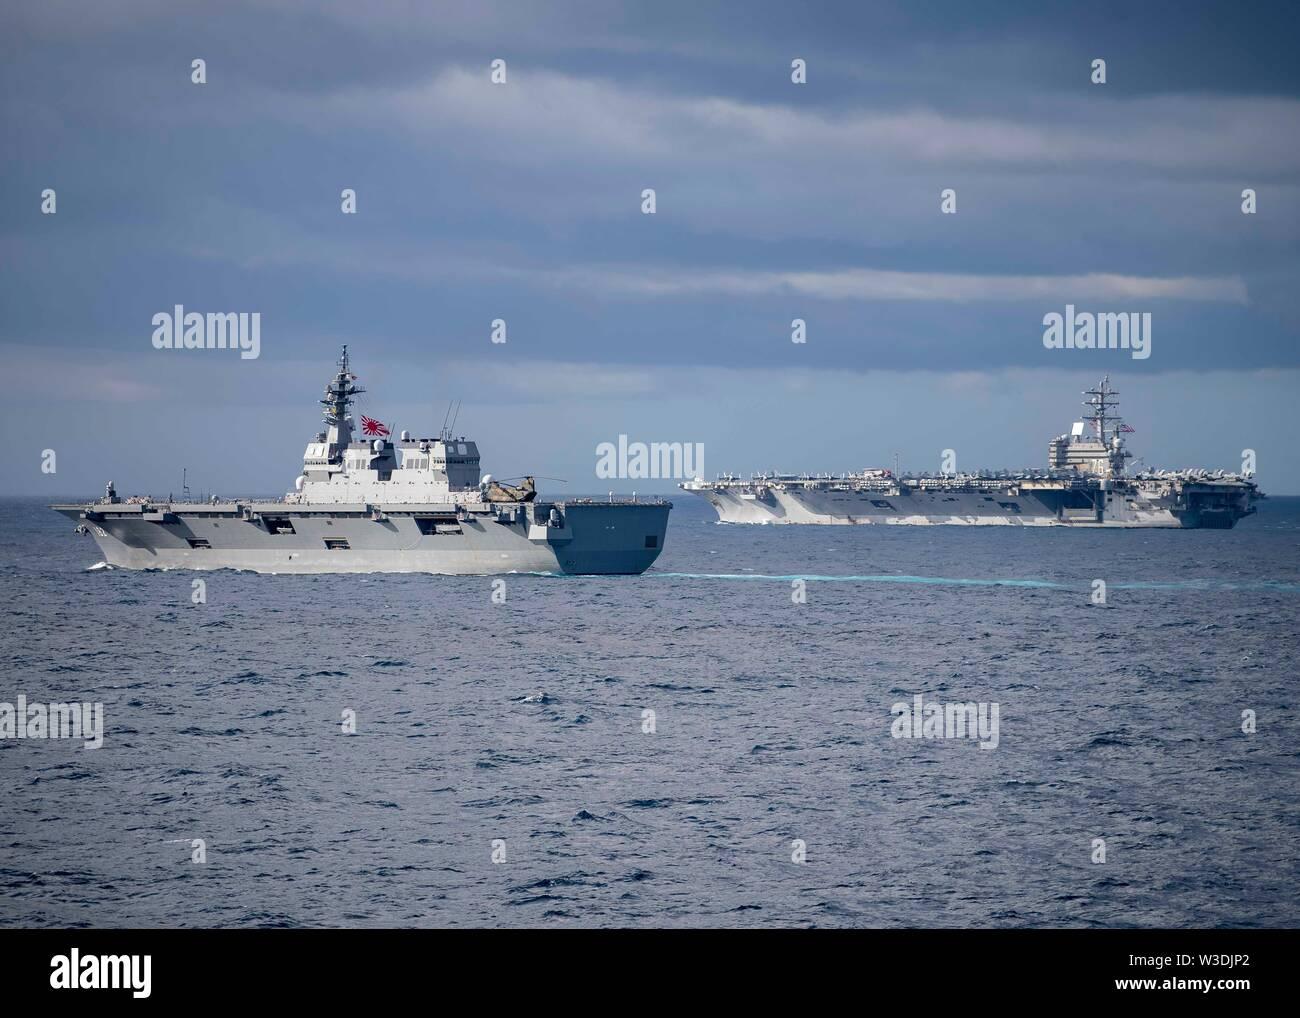 190711-N-WK 982-1215 CORAL SEA (11. Juli 2019) Die Japan Maritime Verteidigung-kraft Hy?ga-Klasse Hubschrauber Zerstörer JS Ise (DDH182), links, und der US Navy Flugzeugträger der Nimitz-Klasse USS Ronald Reagan (CVN 76) Manöver in Ausbildung während der Talisman Sabre 2019. Talisman Sabre 2019 zeigt die Nähe des australischen und US-amerikanischen Allianz und die Stärke der militärischen Beziehung. Dies ist der achte Iteration dieser Übung. (U.S. Marine Foto von Mass Communication Specialist 2. Klasse John Harris/Freigegeben) Stockbild